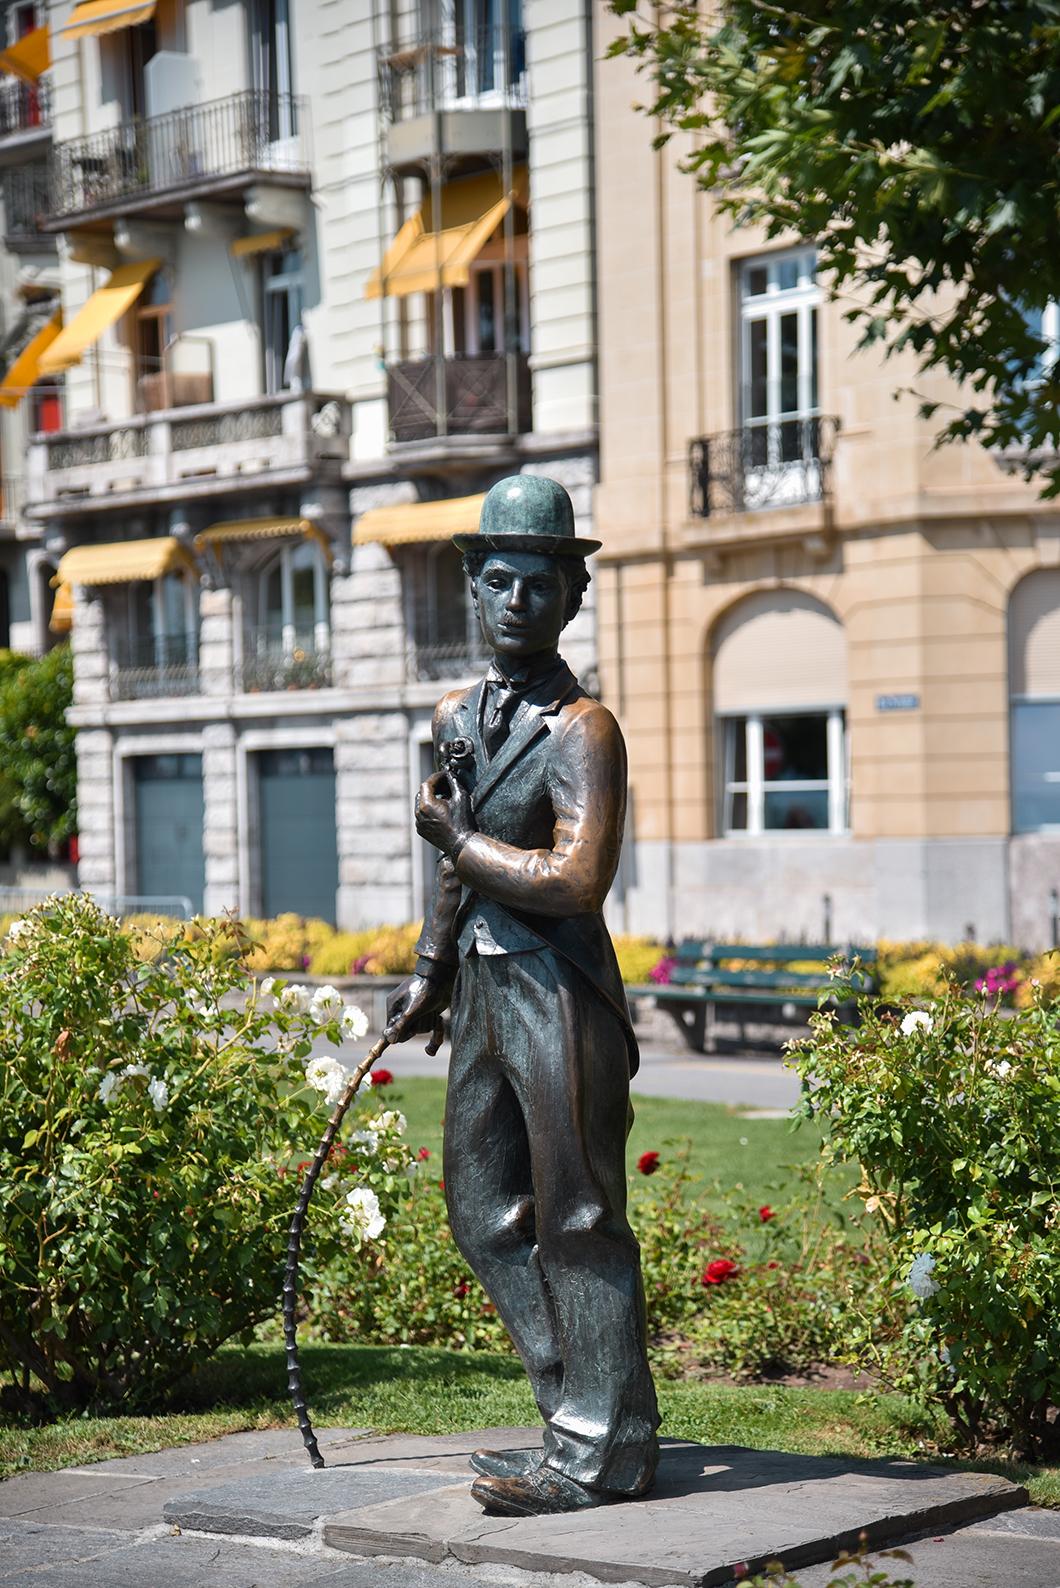 La statue de Charlie Chaplin, incontournables à Vevey